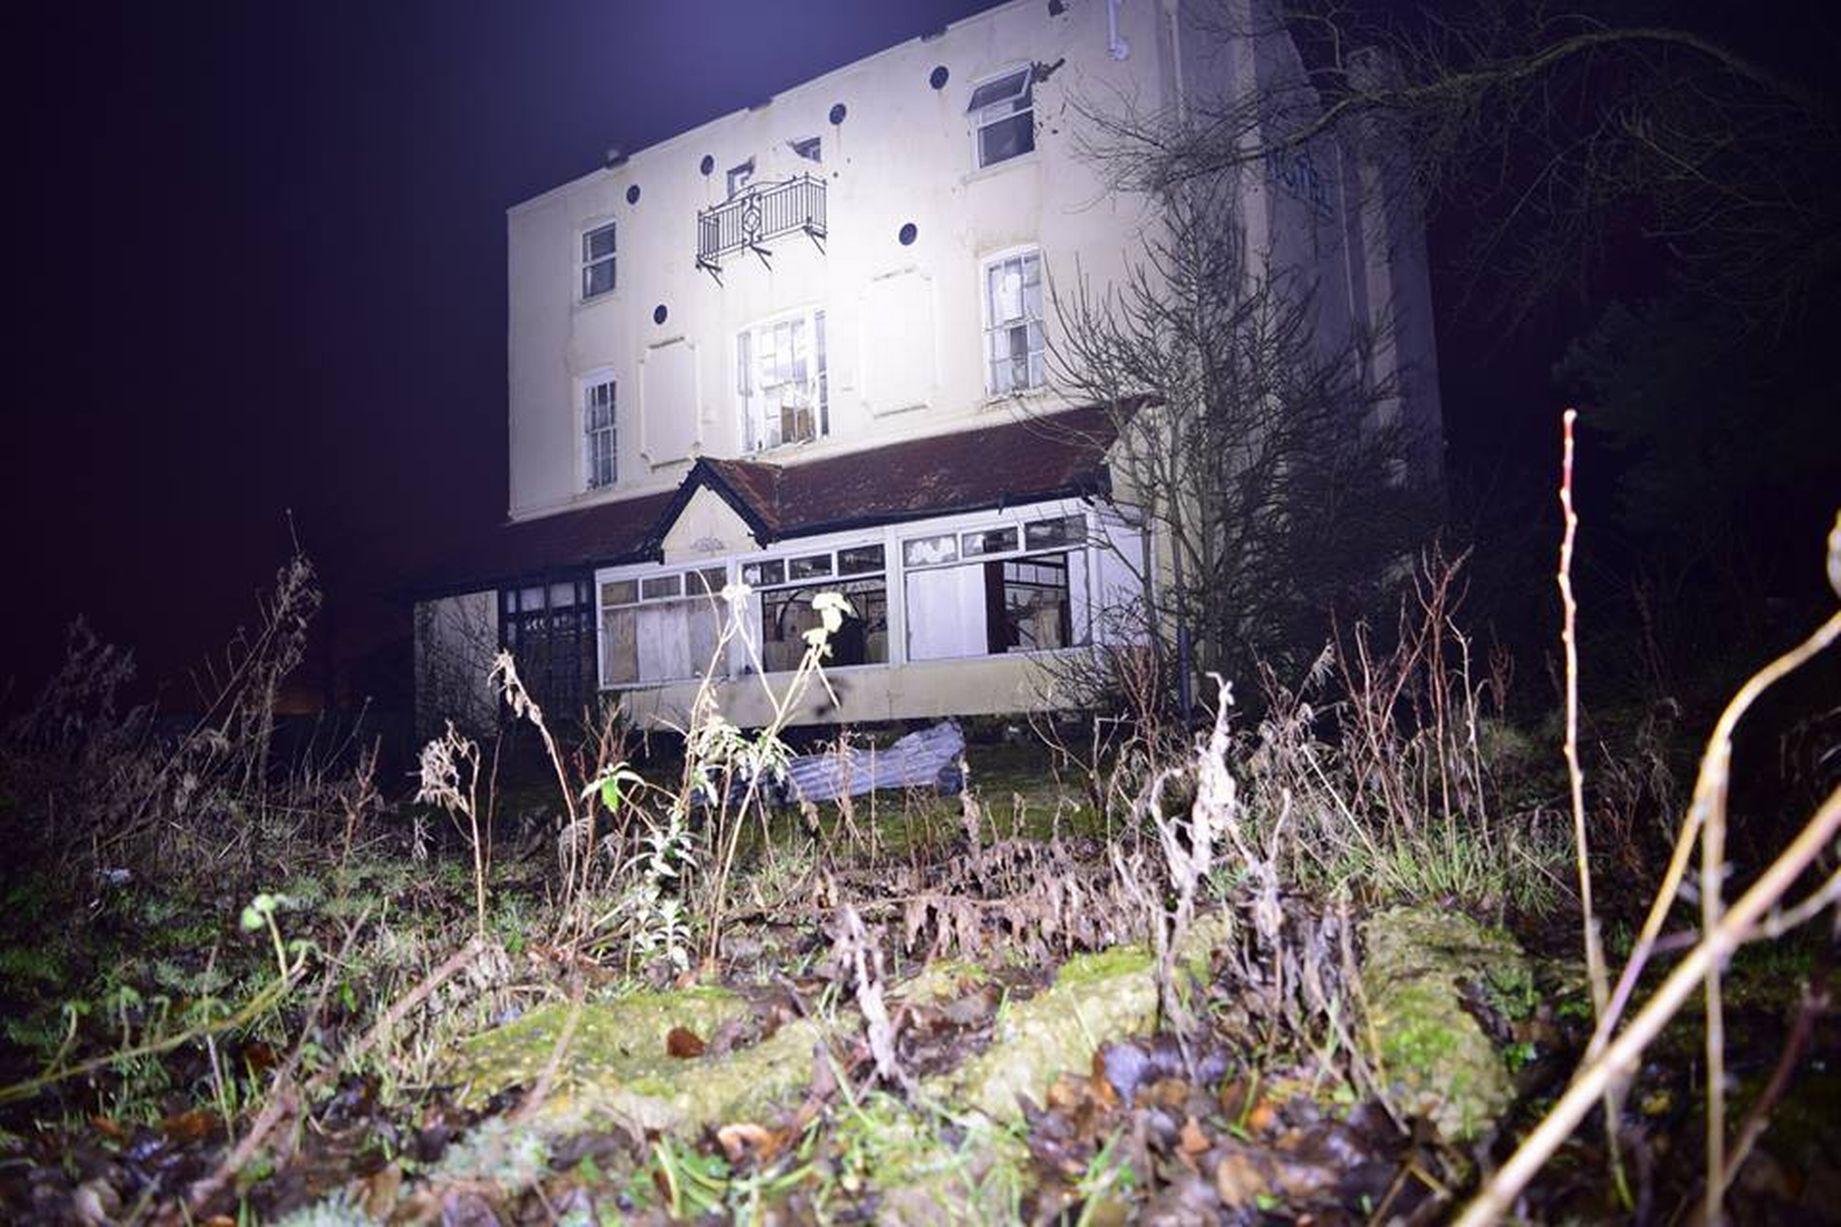 Barham abandoned hotel 1